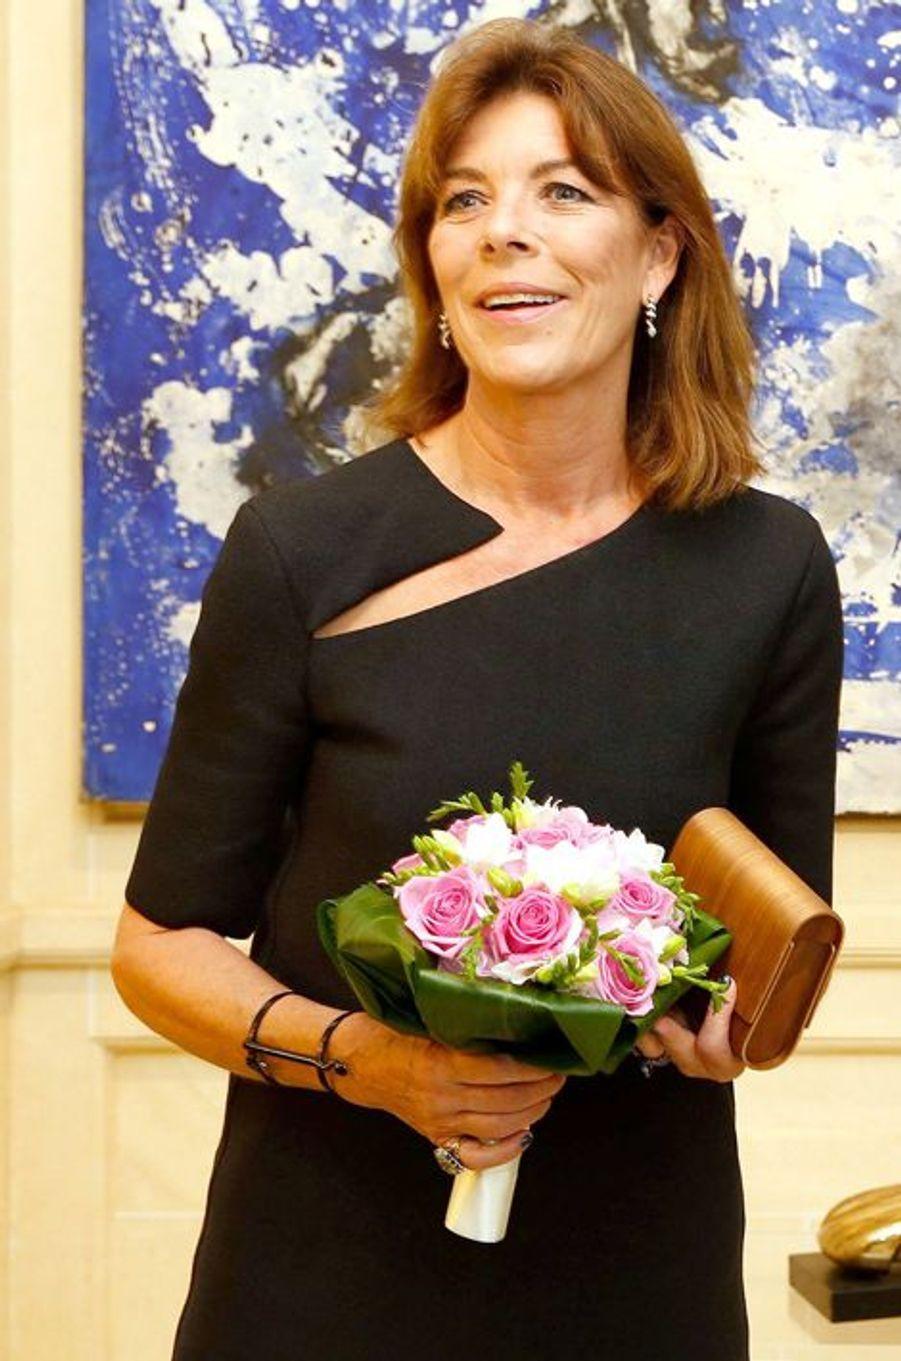 La princesse Caroline de Hanovre à la galerie Adriano Ribolzi à Monaco, le 16 septembre 2015